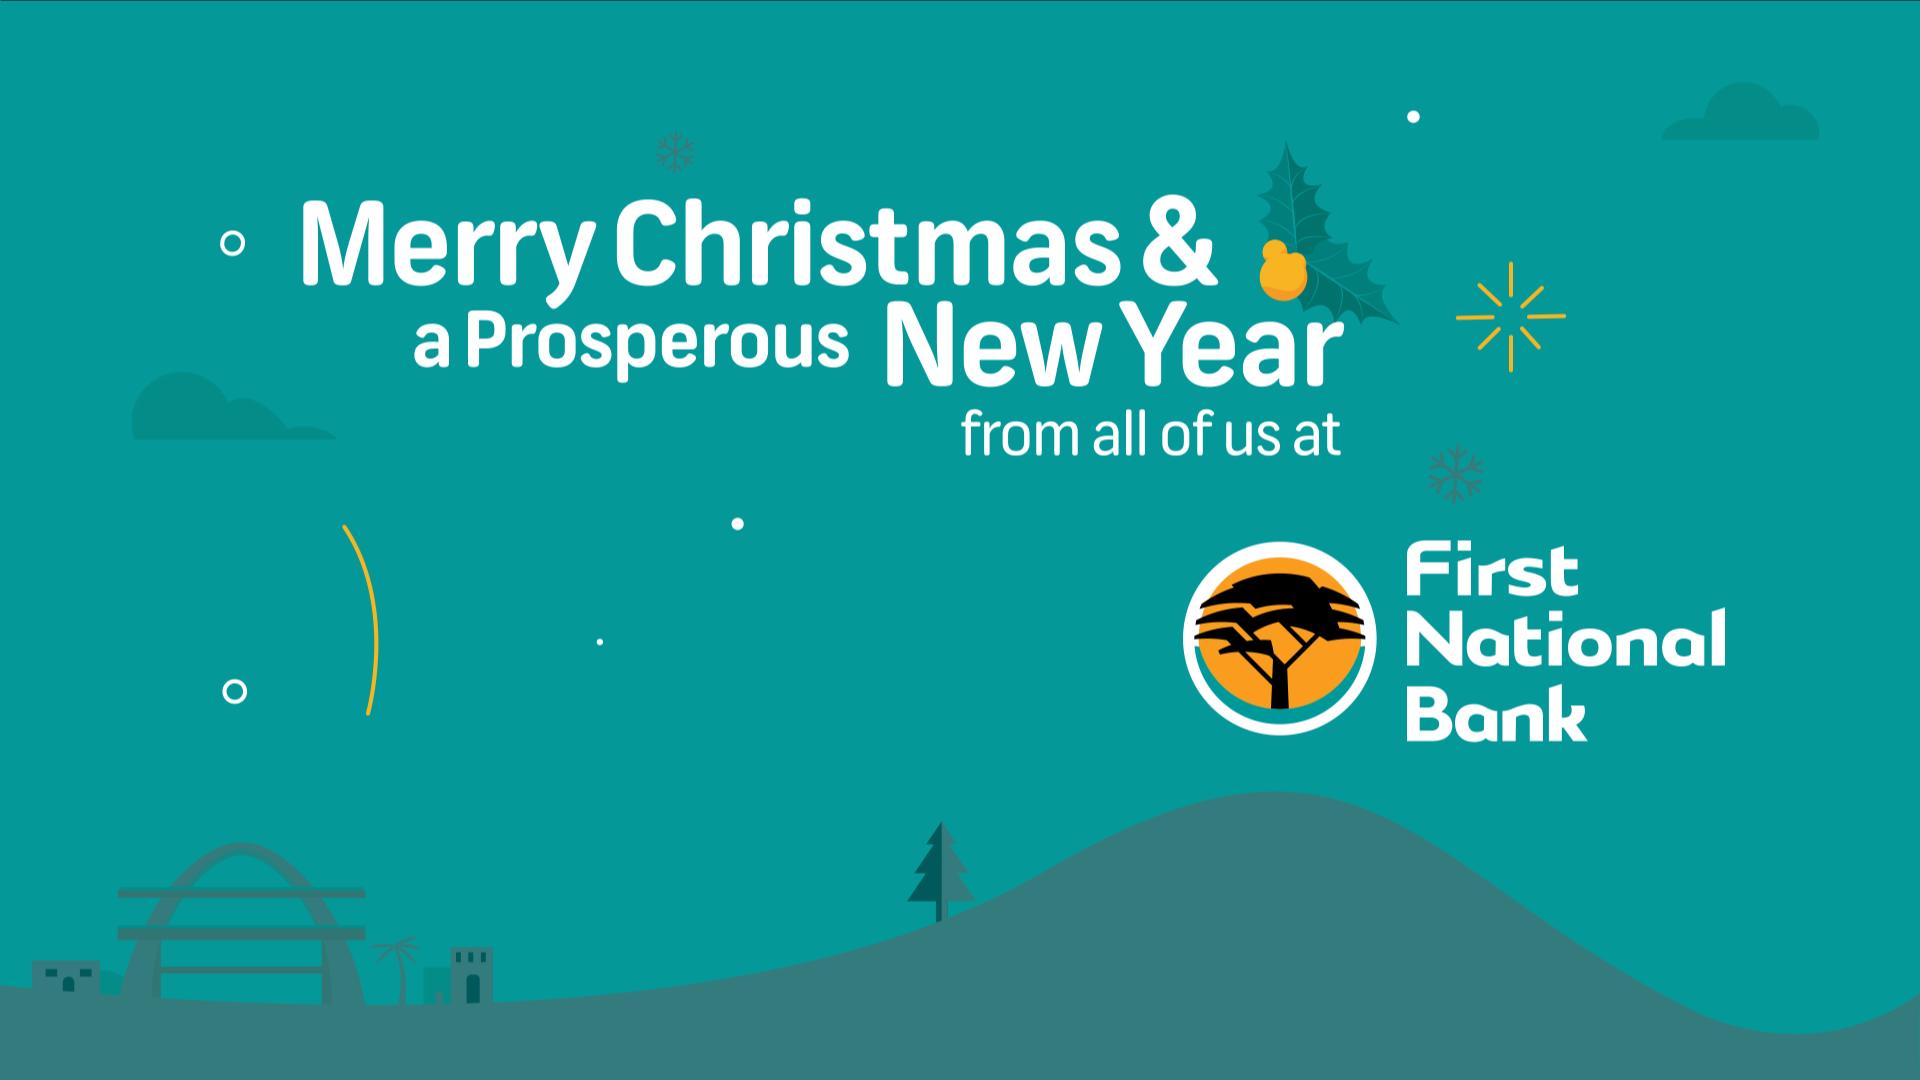 FIRST NATIONAL BANK '17 cHRISTMAS | Animation